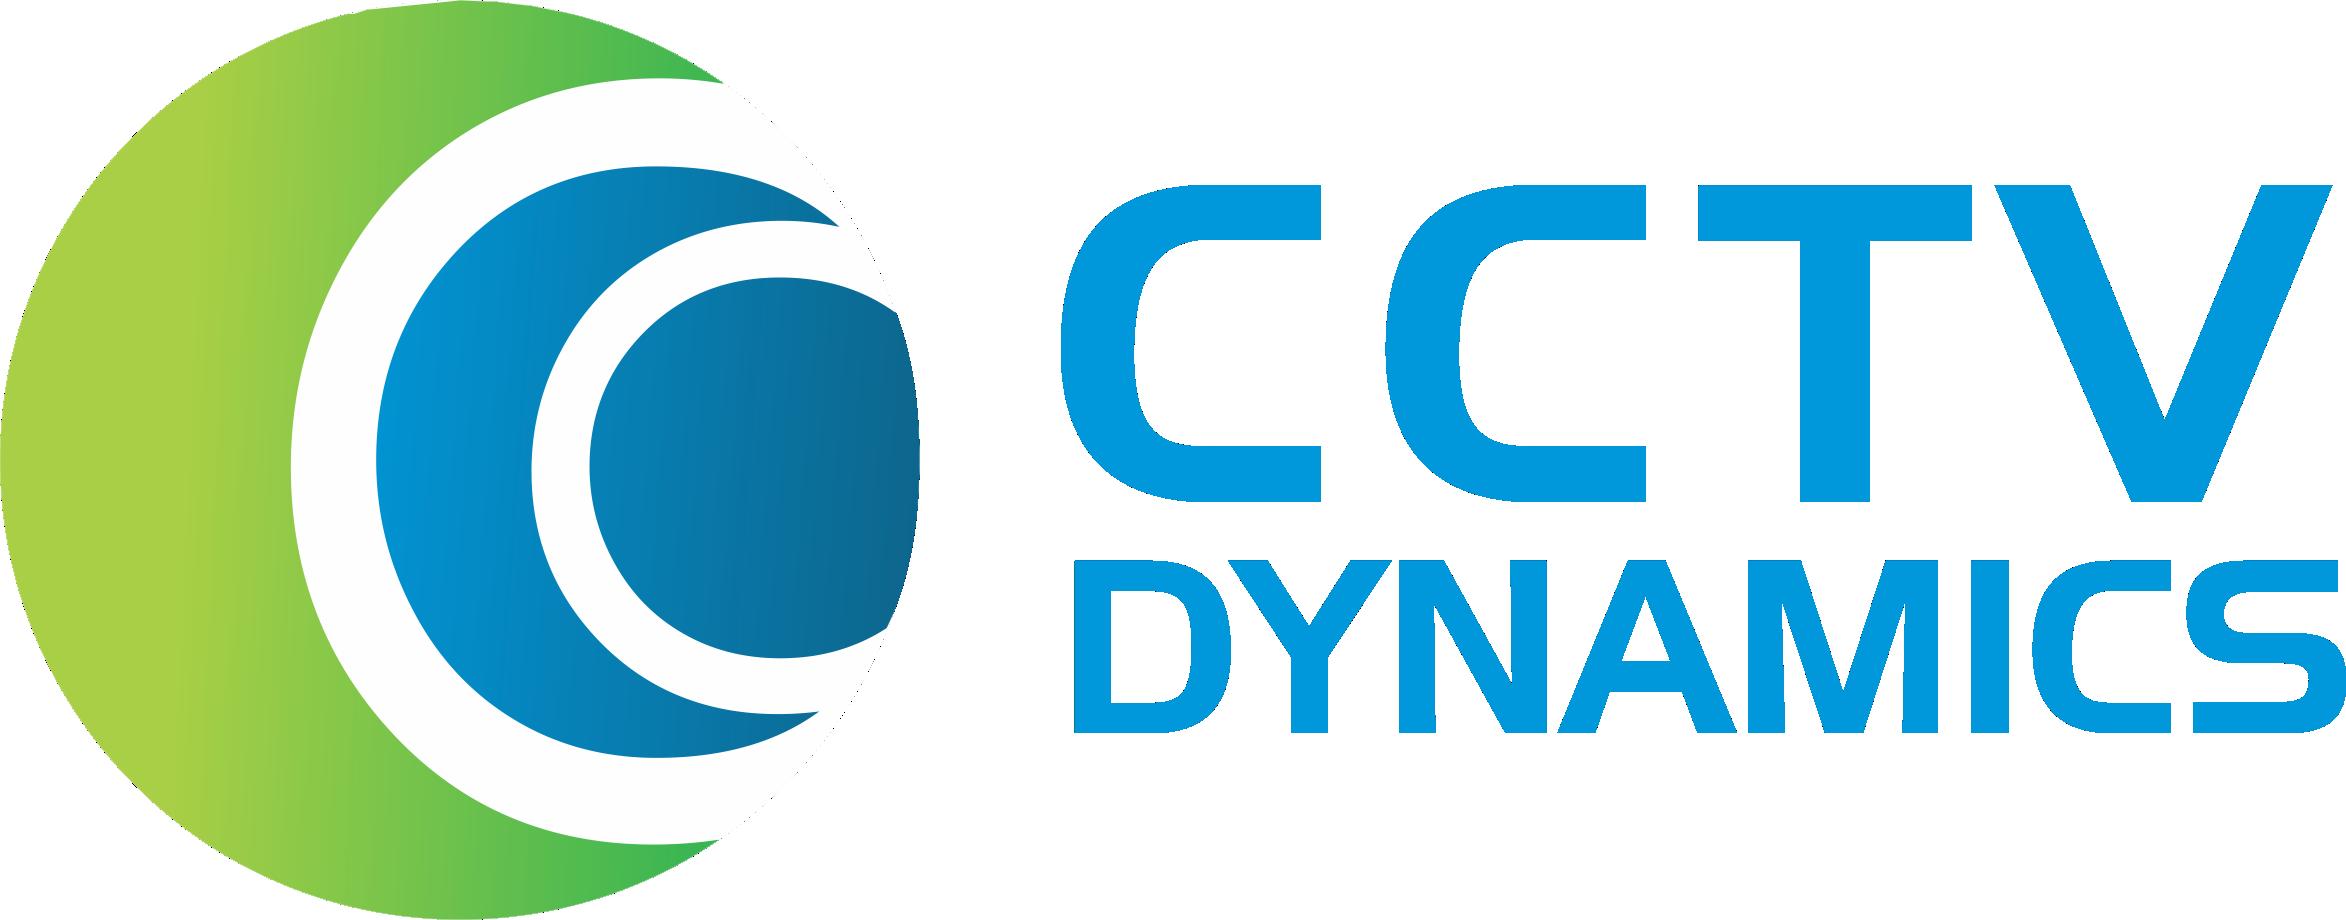 cctvdynamics